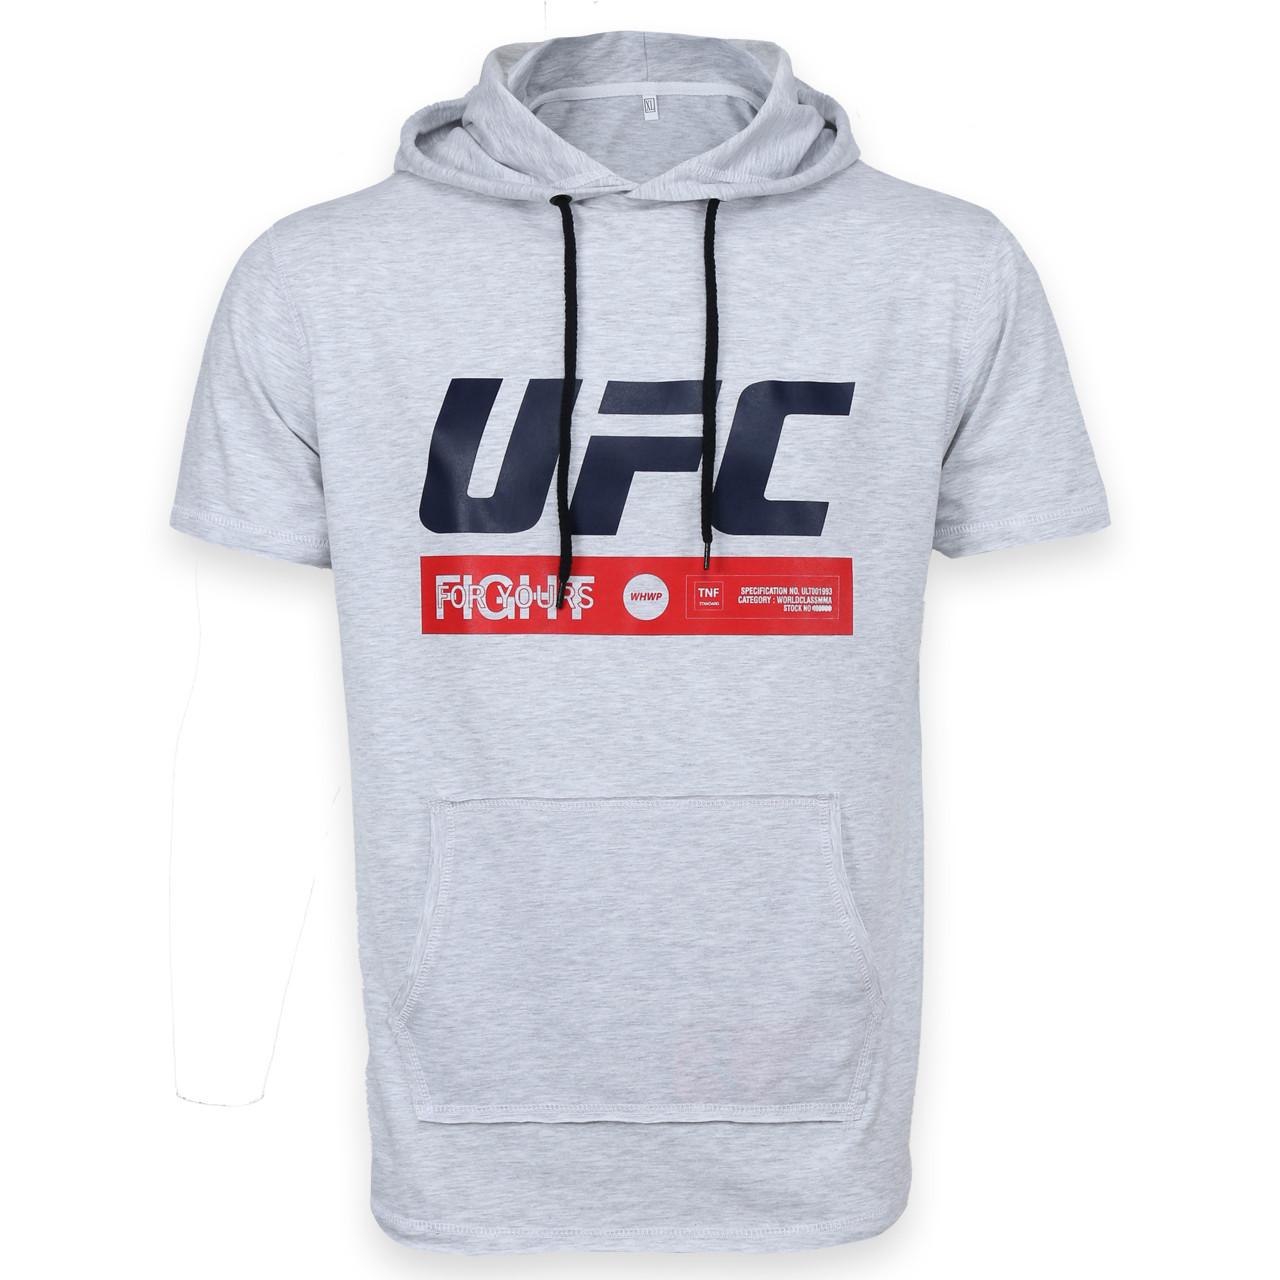 """Футболка спортивная бел меланж UFC """"FIGHT"""" с капюш  Ф-300 WTGRI M(Р) 20-914-020"""